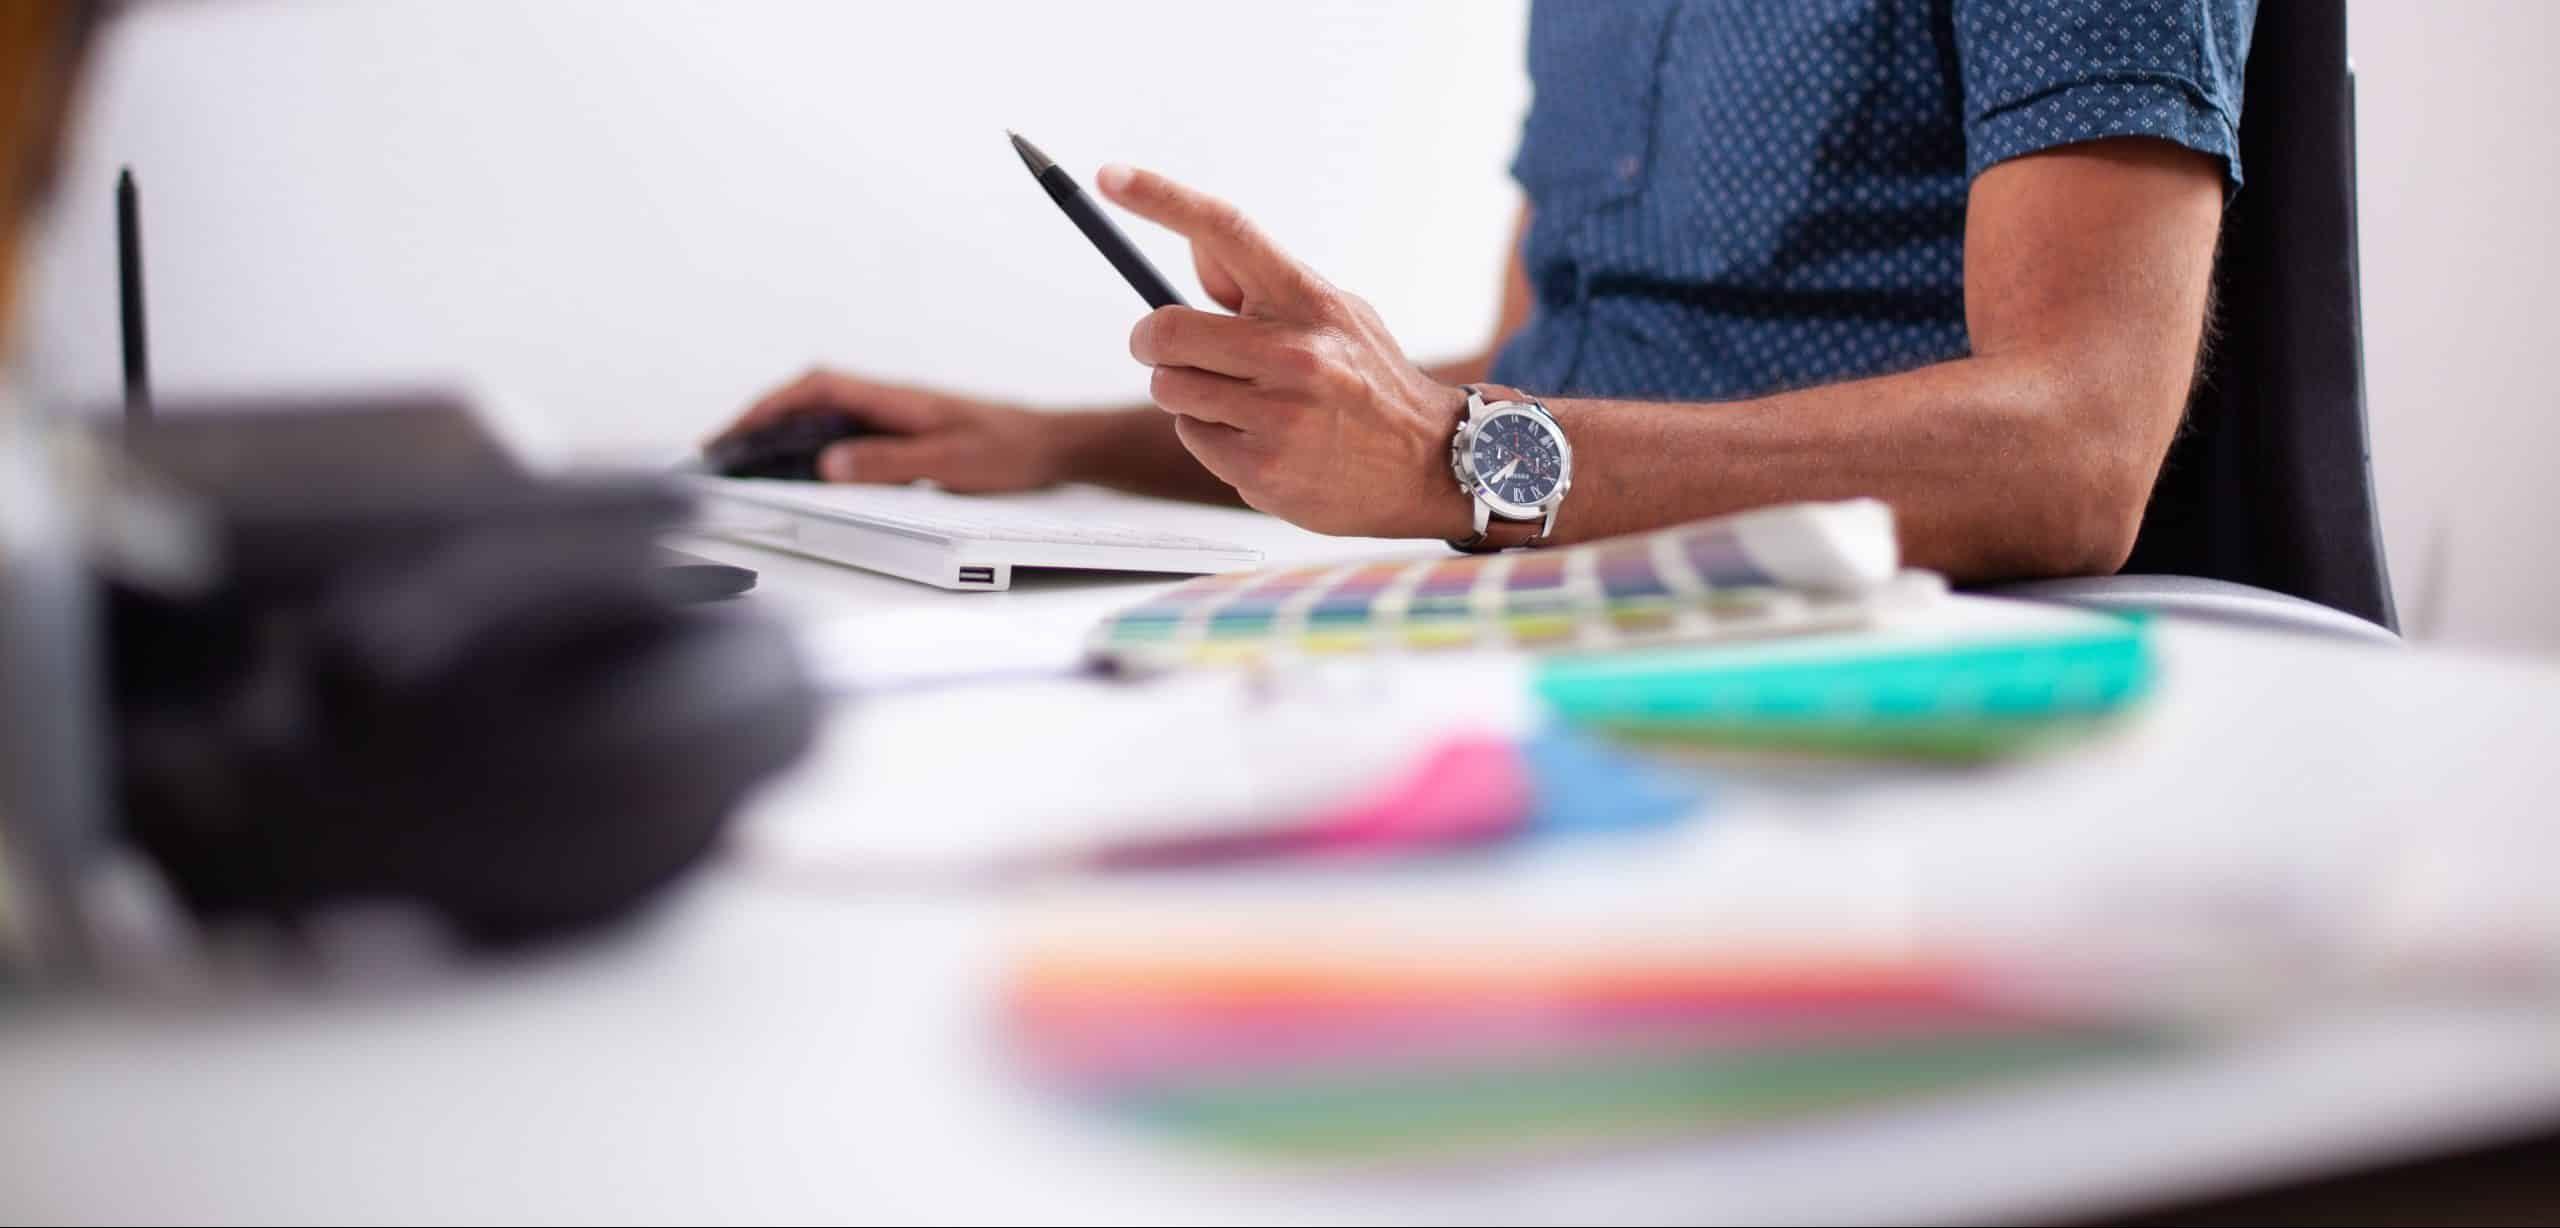 7 Anfänger Tipps: So nutzt man Social Media für Unternehmen